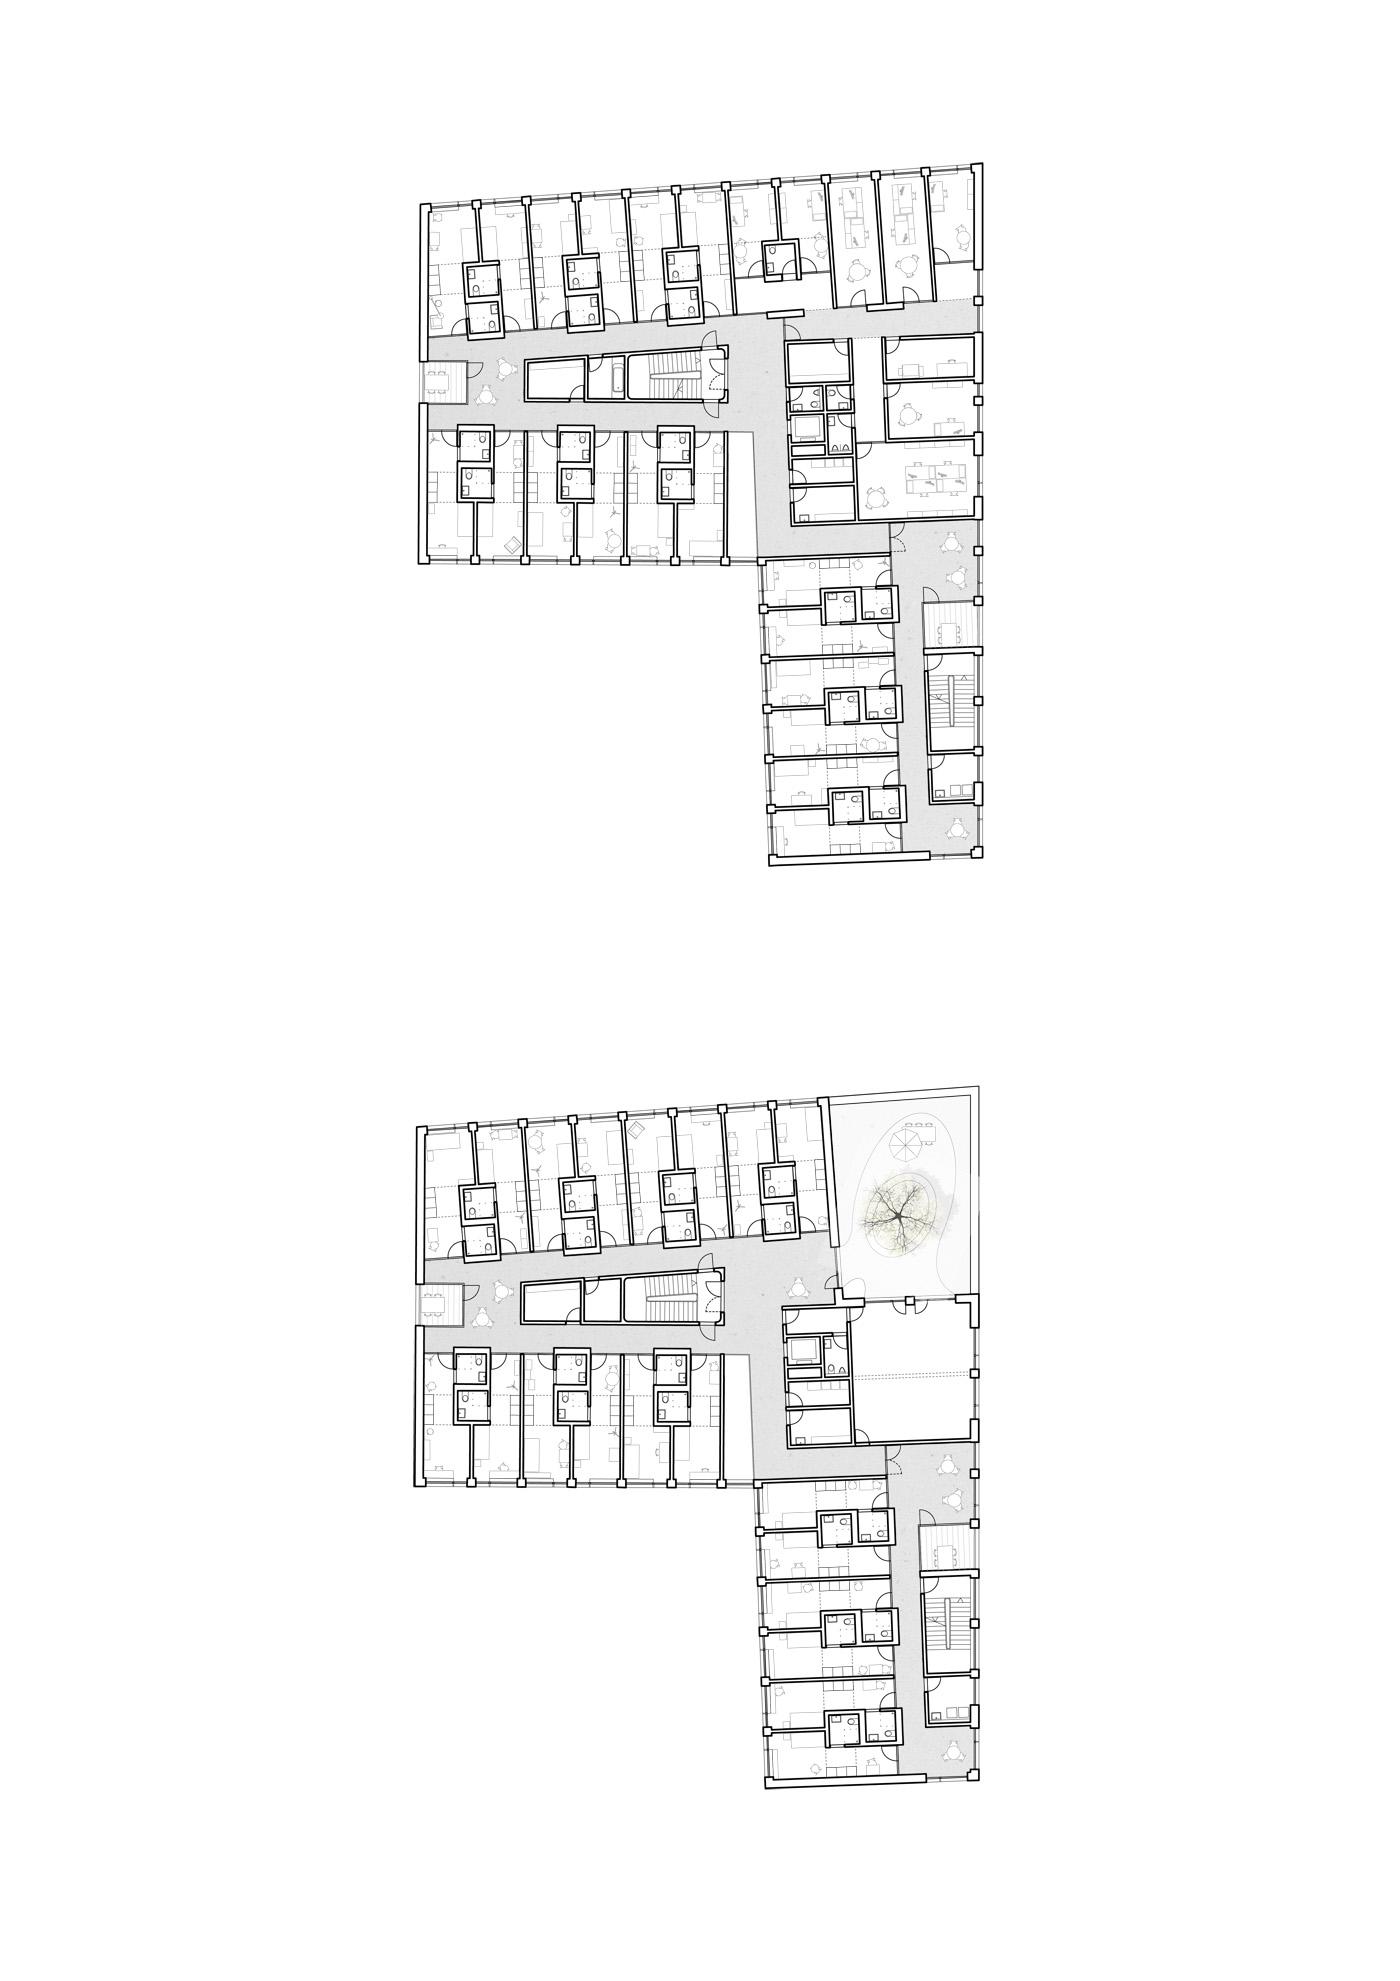 buan architekten – Studienauftrag Wohnheim Lindenfeld Emmen – Grundrisse Obergeschosse